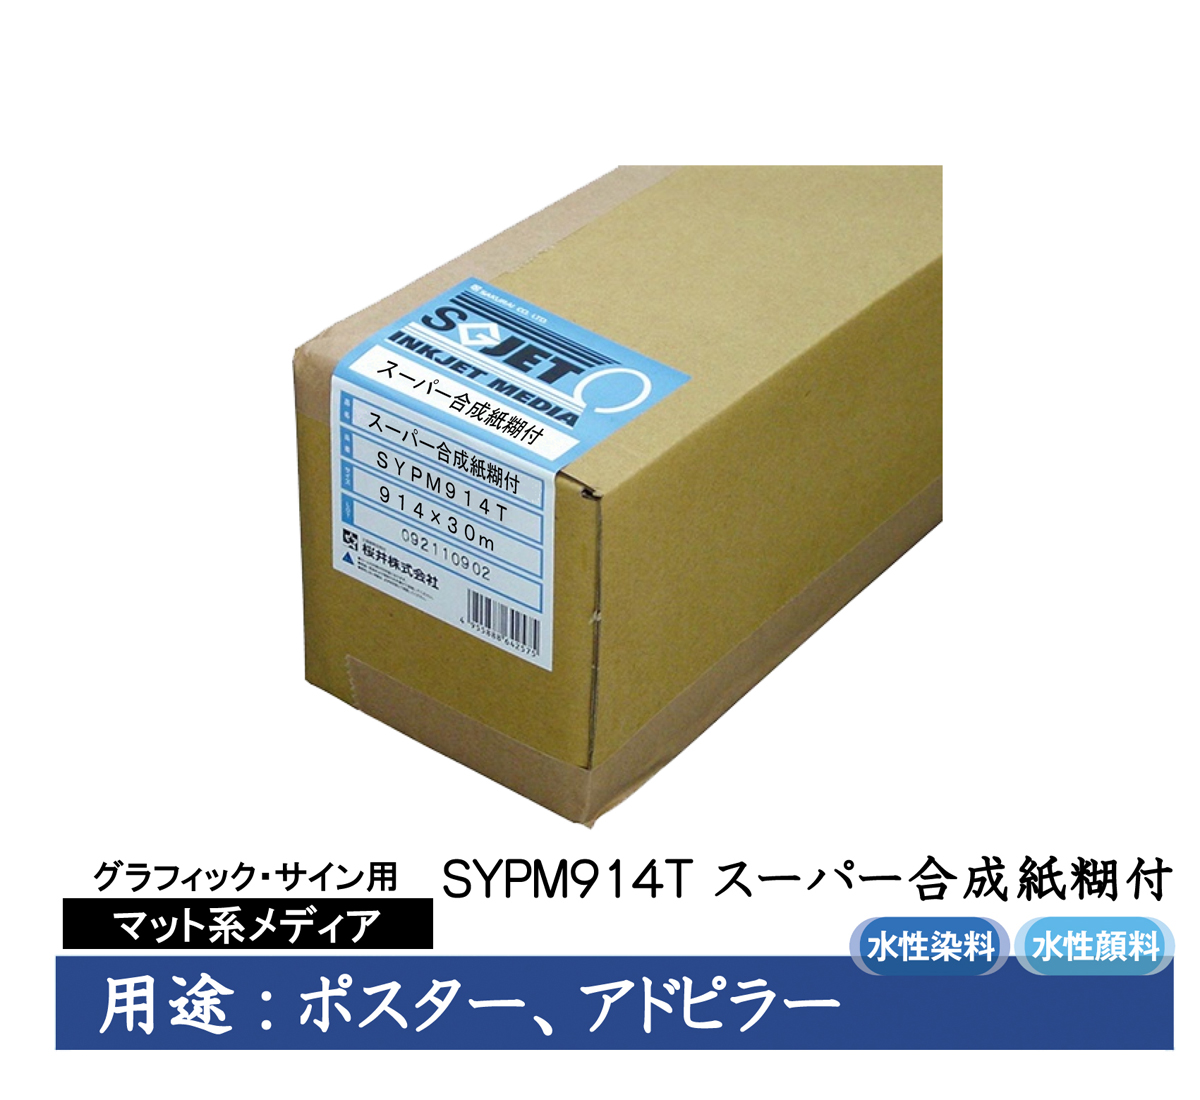 桜井 グラフィック・サイン用インクジェット用紙 スーパー合成紙糊付 914mm×30m 2インチ 1本入 SYPM914T